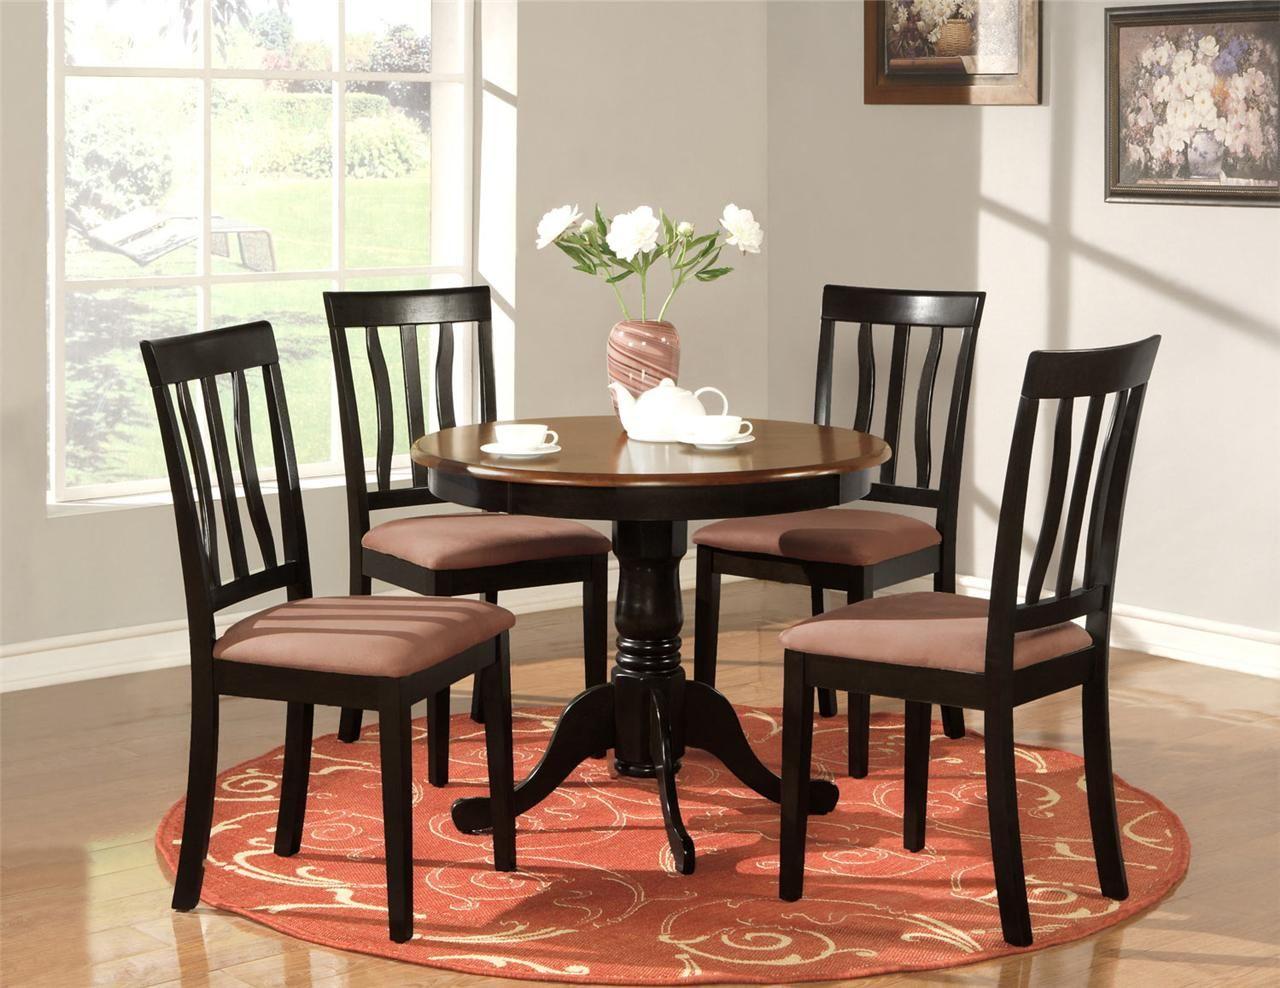 Round Kitchen Table With Chairs Kuche Tisch Stuhle Kuche Und